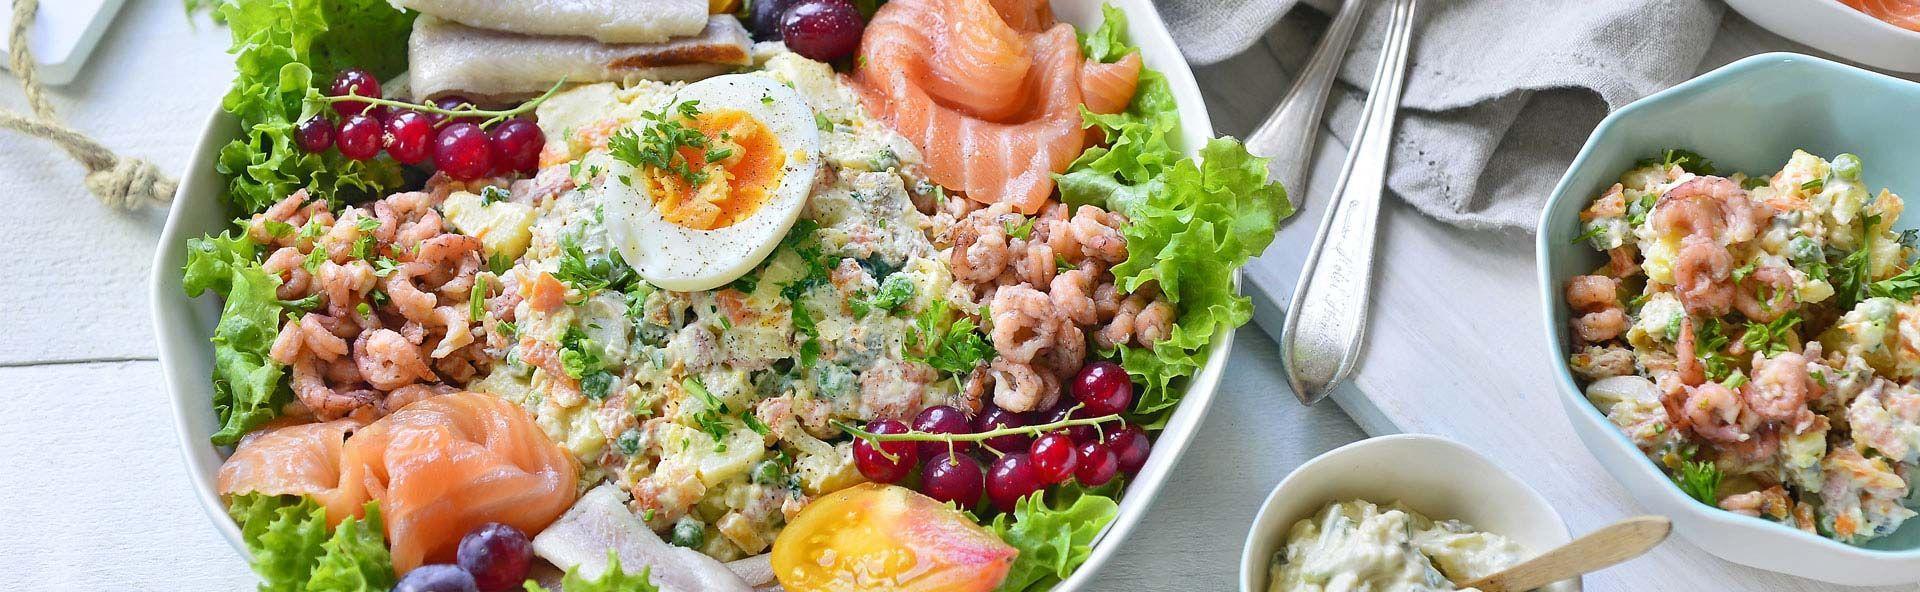 Russische saladeZelfs koude salades kan je maken met je Airfryer Je poft de aaRussische Russische saladeZelfs koude salades kan je maken met je Airfryer Je poft de aa